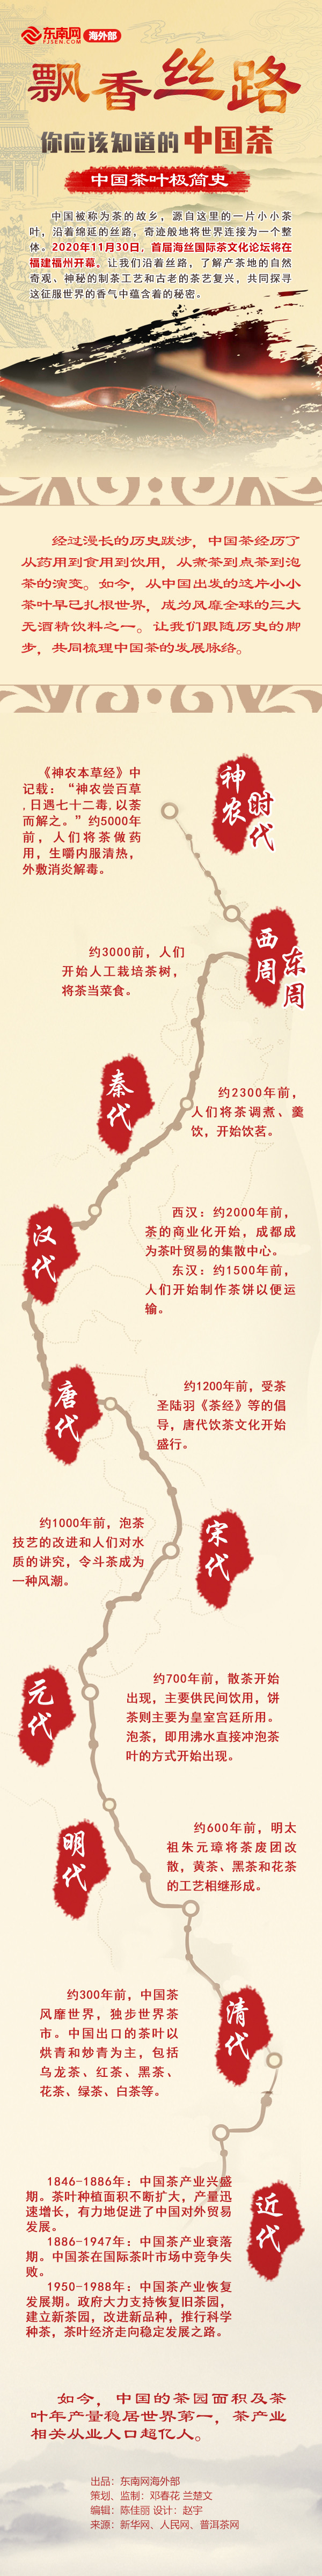 飘香丝路 你应该知道的中国茶丨中国茶叶极简史